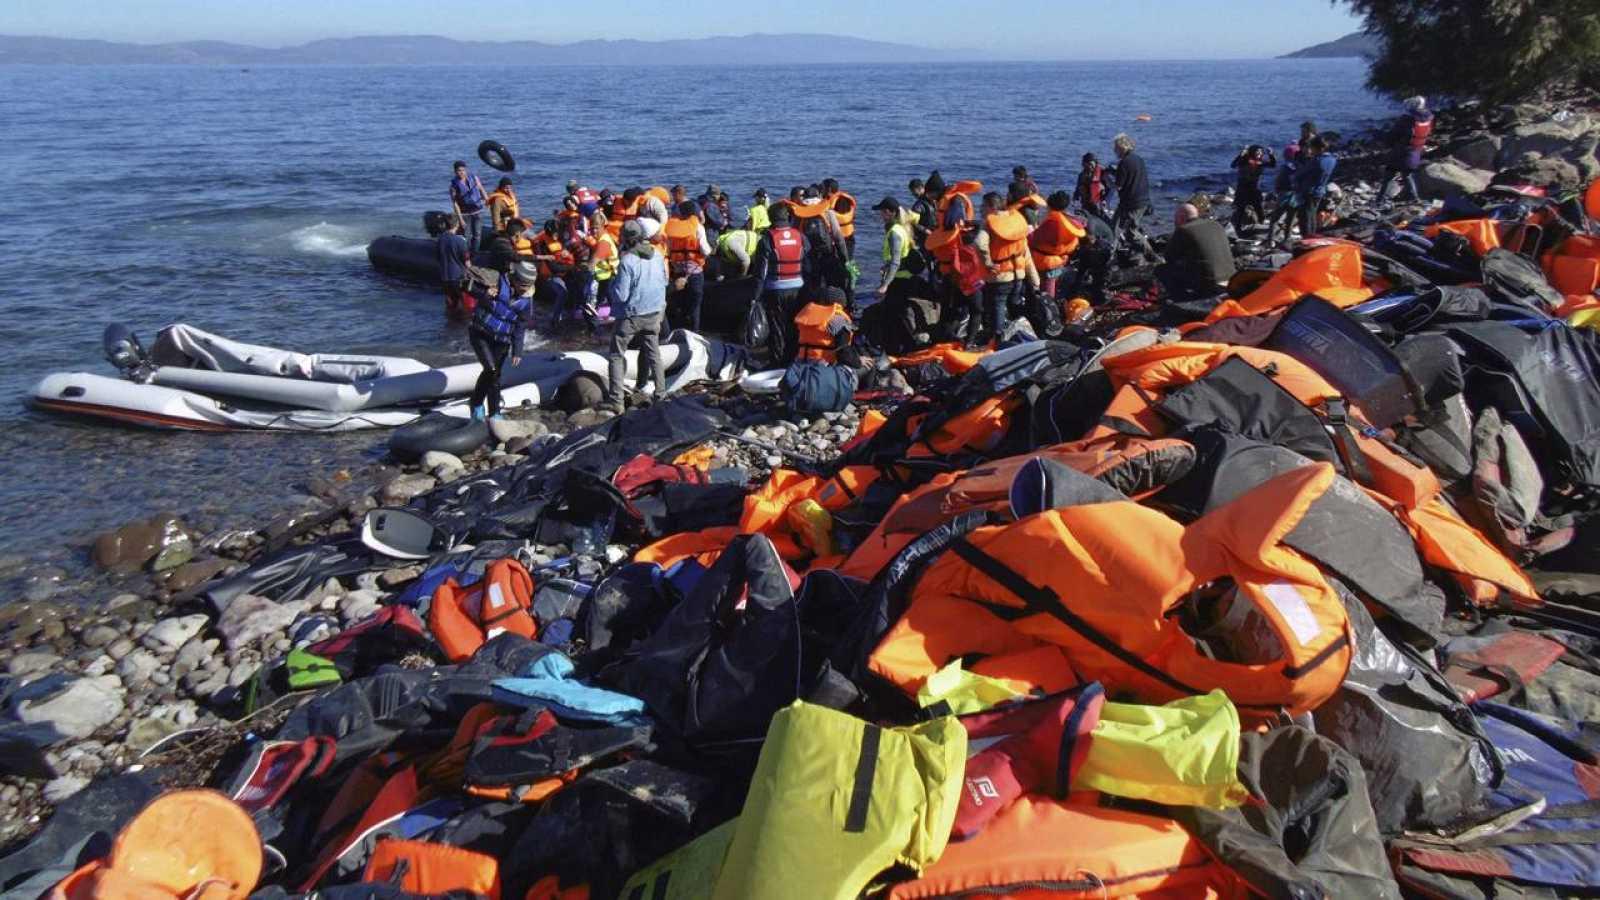 Vista de la llegada de refugiados en pateras a las costas de la isla de Lesbos